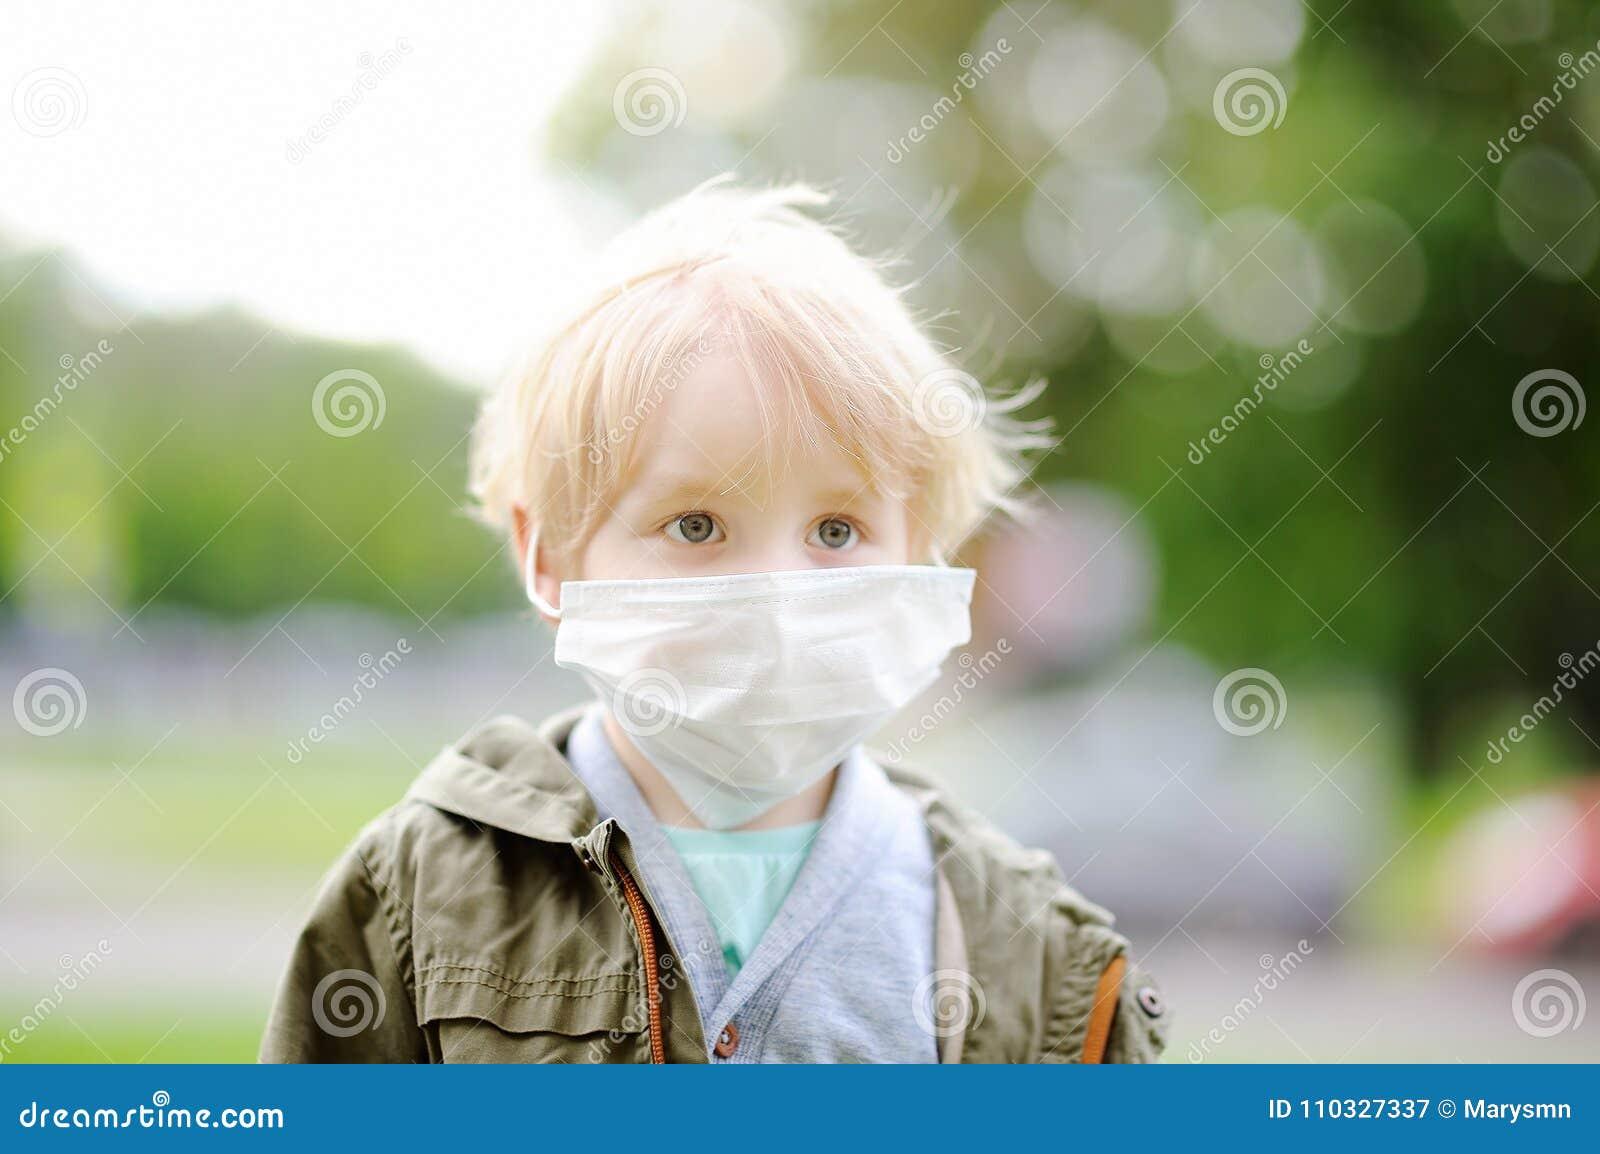 Pys som bär den medicinska framsidamaskeringen som skydd mot smittsamma sjukdomar